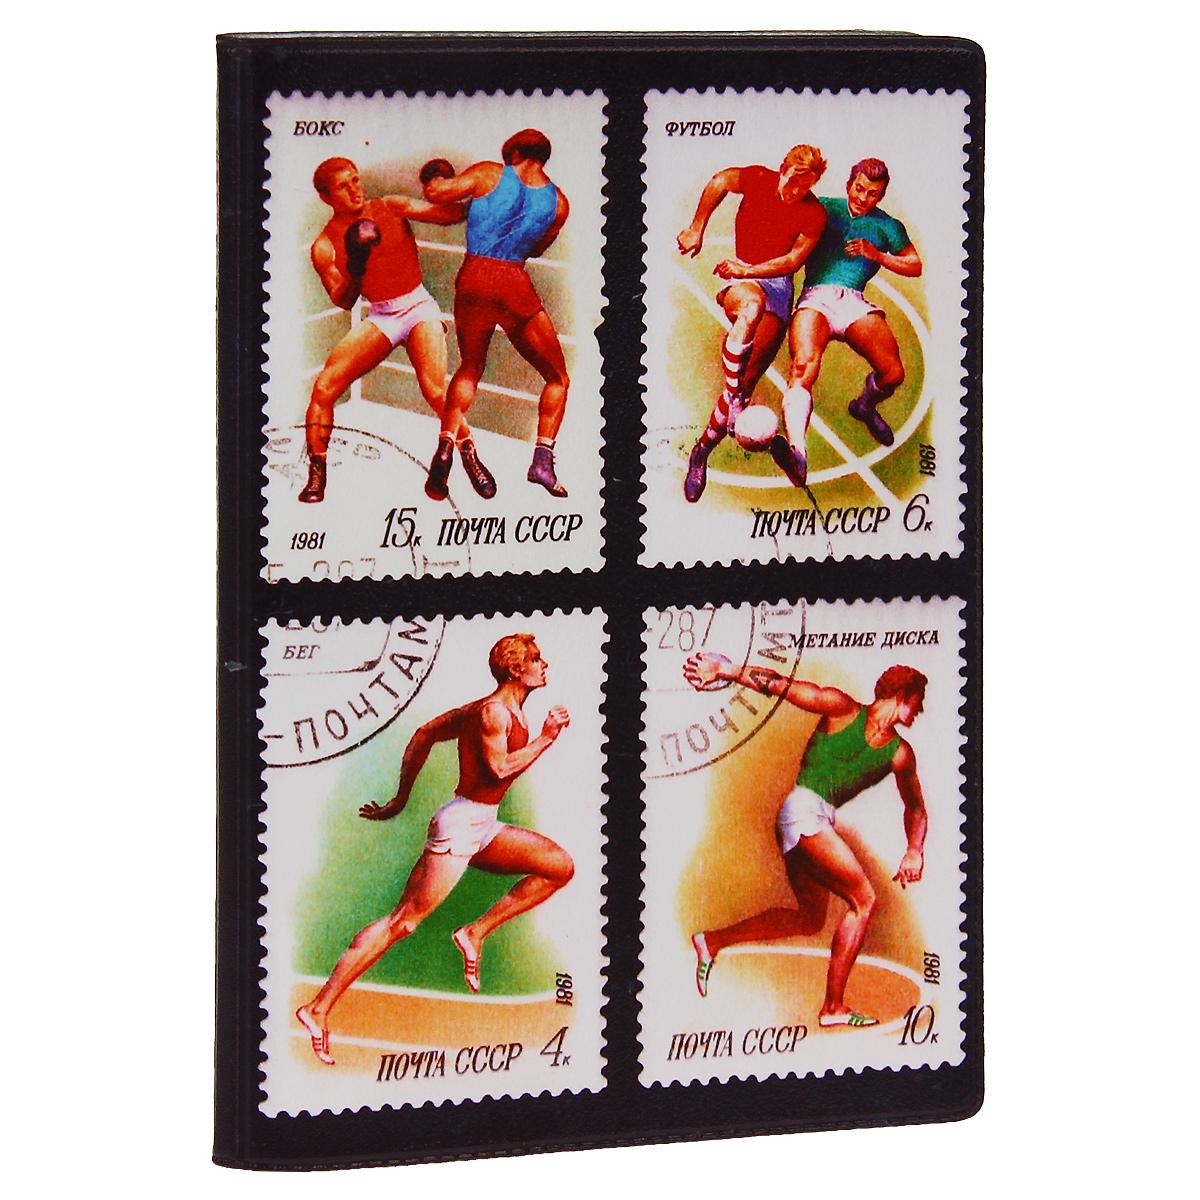 Обложка для паспорта Спорт (марки) 1. OZAM280OZAM296Обложка для паспорта Mitya Veselkov Спорт. Марки - 1 выполнена из прочного ПВХ и оформлена изображениями почтовых марок со спортивной тематикой. Такая обложка не только поможет сохранить внешний вид ваших документов и защитит их от повреждений, но и станет стильным аксессуаром, идеально подходящим вашему образу.Яркая и оригинальная обложка подчеркнет вашу индивидуальность и изысканный вкус. Обложка для паспорта стильного дизайна может быть достойным и оригинальным подарком.